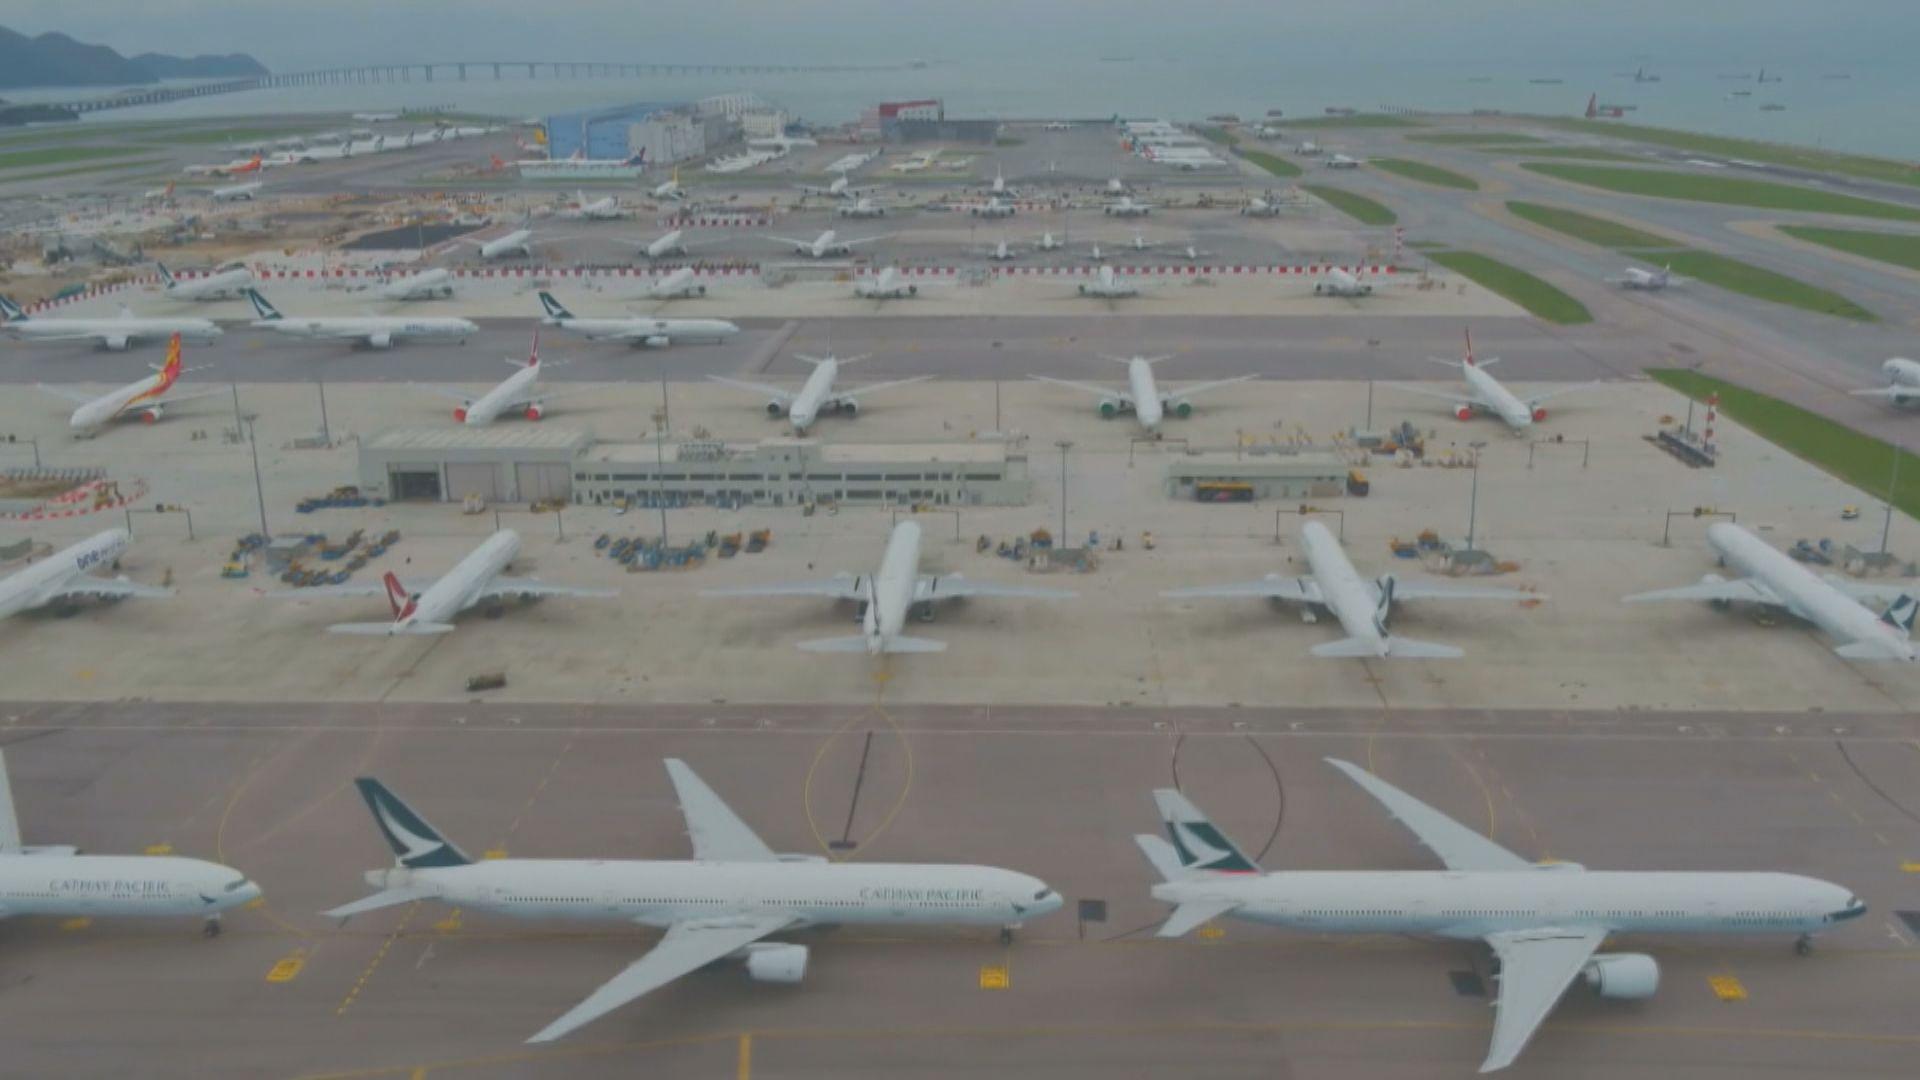 大量飛機停泊香港機場滑行道 採取額外措施應付颱風